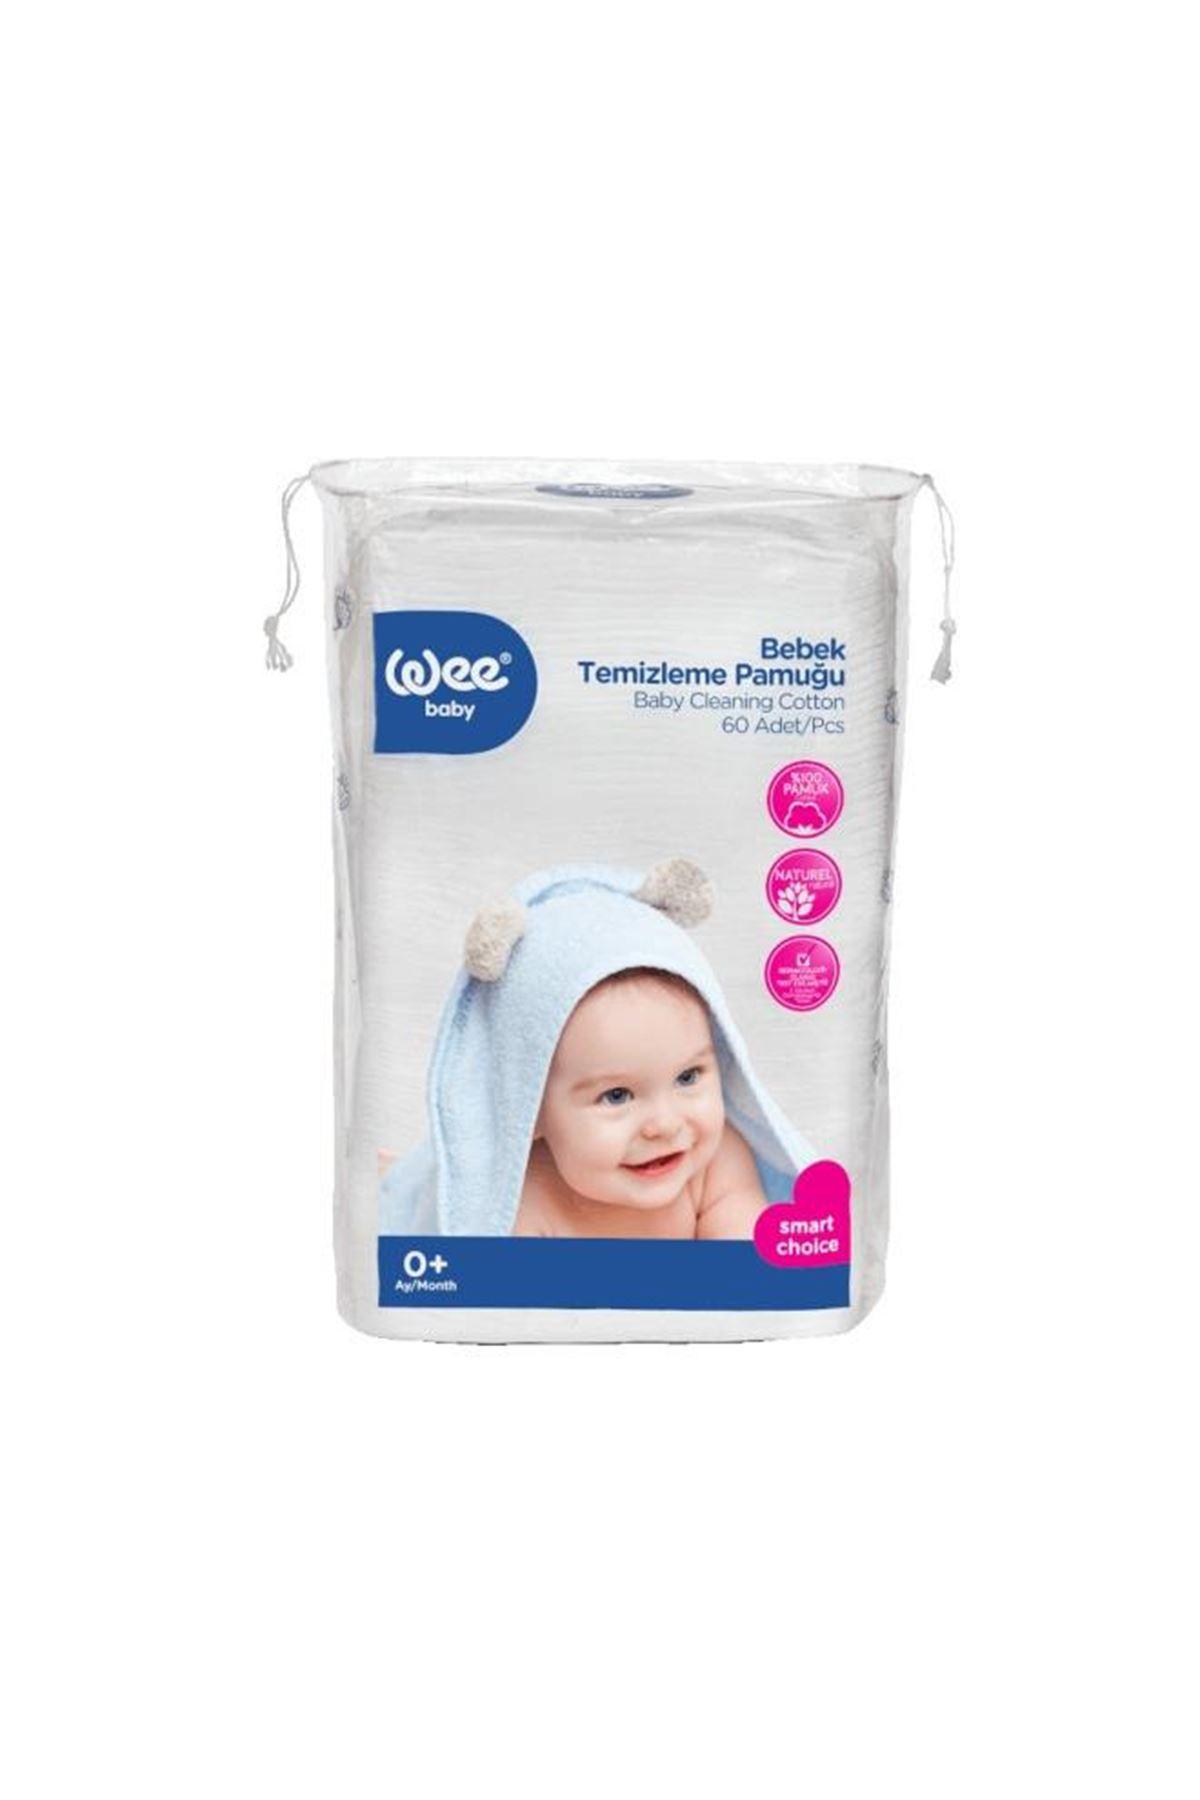 Wee Baby Bebek Temizleme Pamuğu 60lı 321